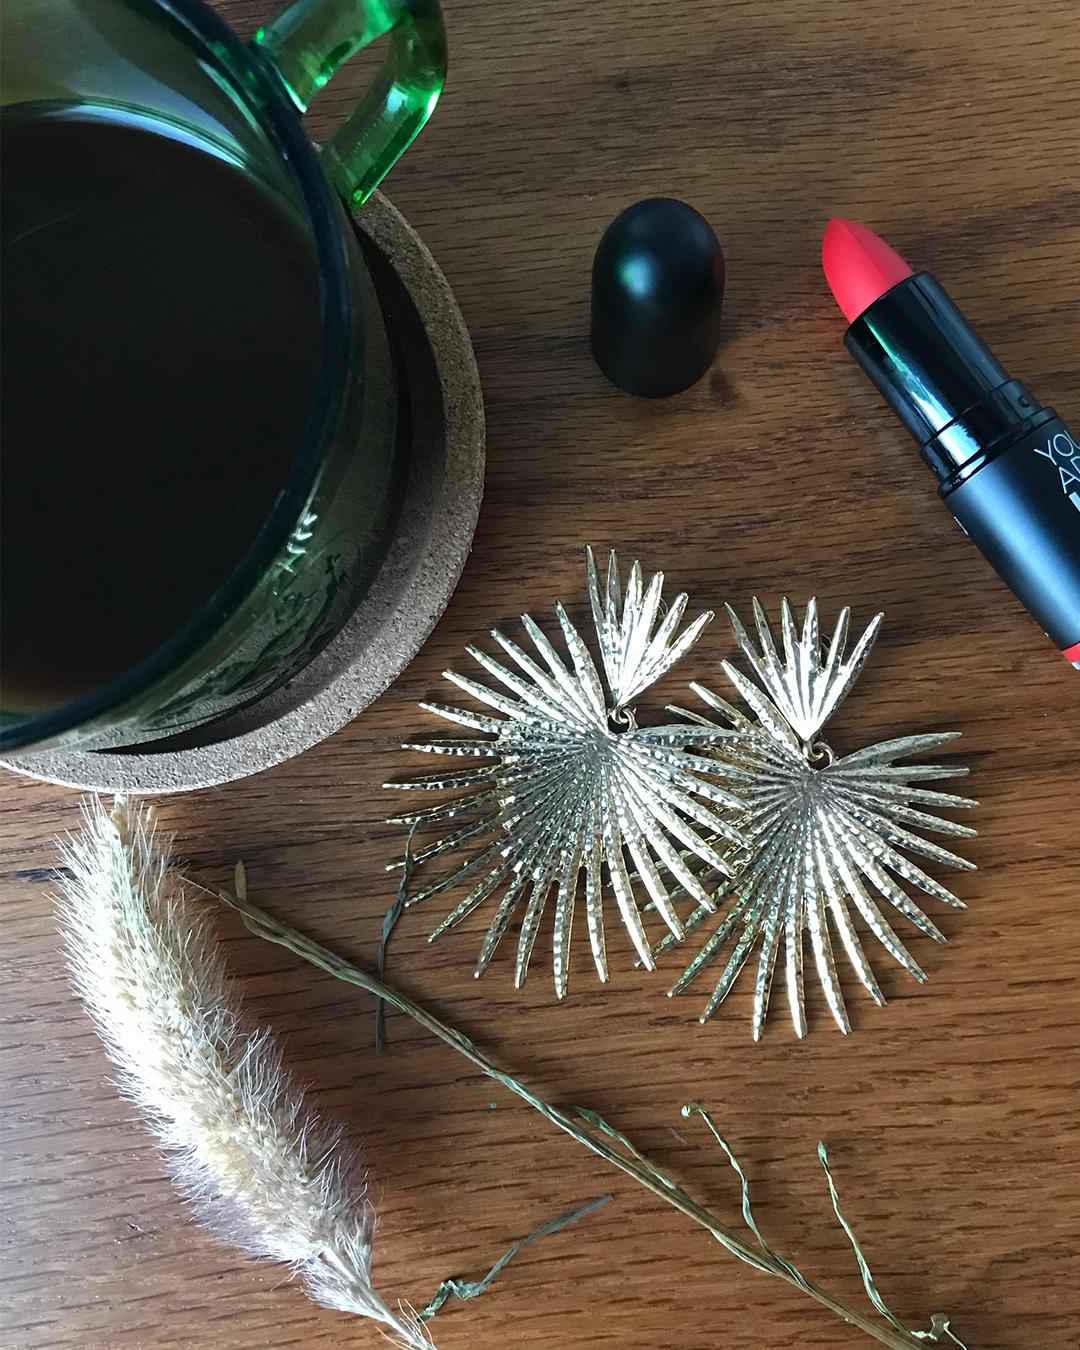 Bijoux et accessoires pour être confortable et stylée